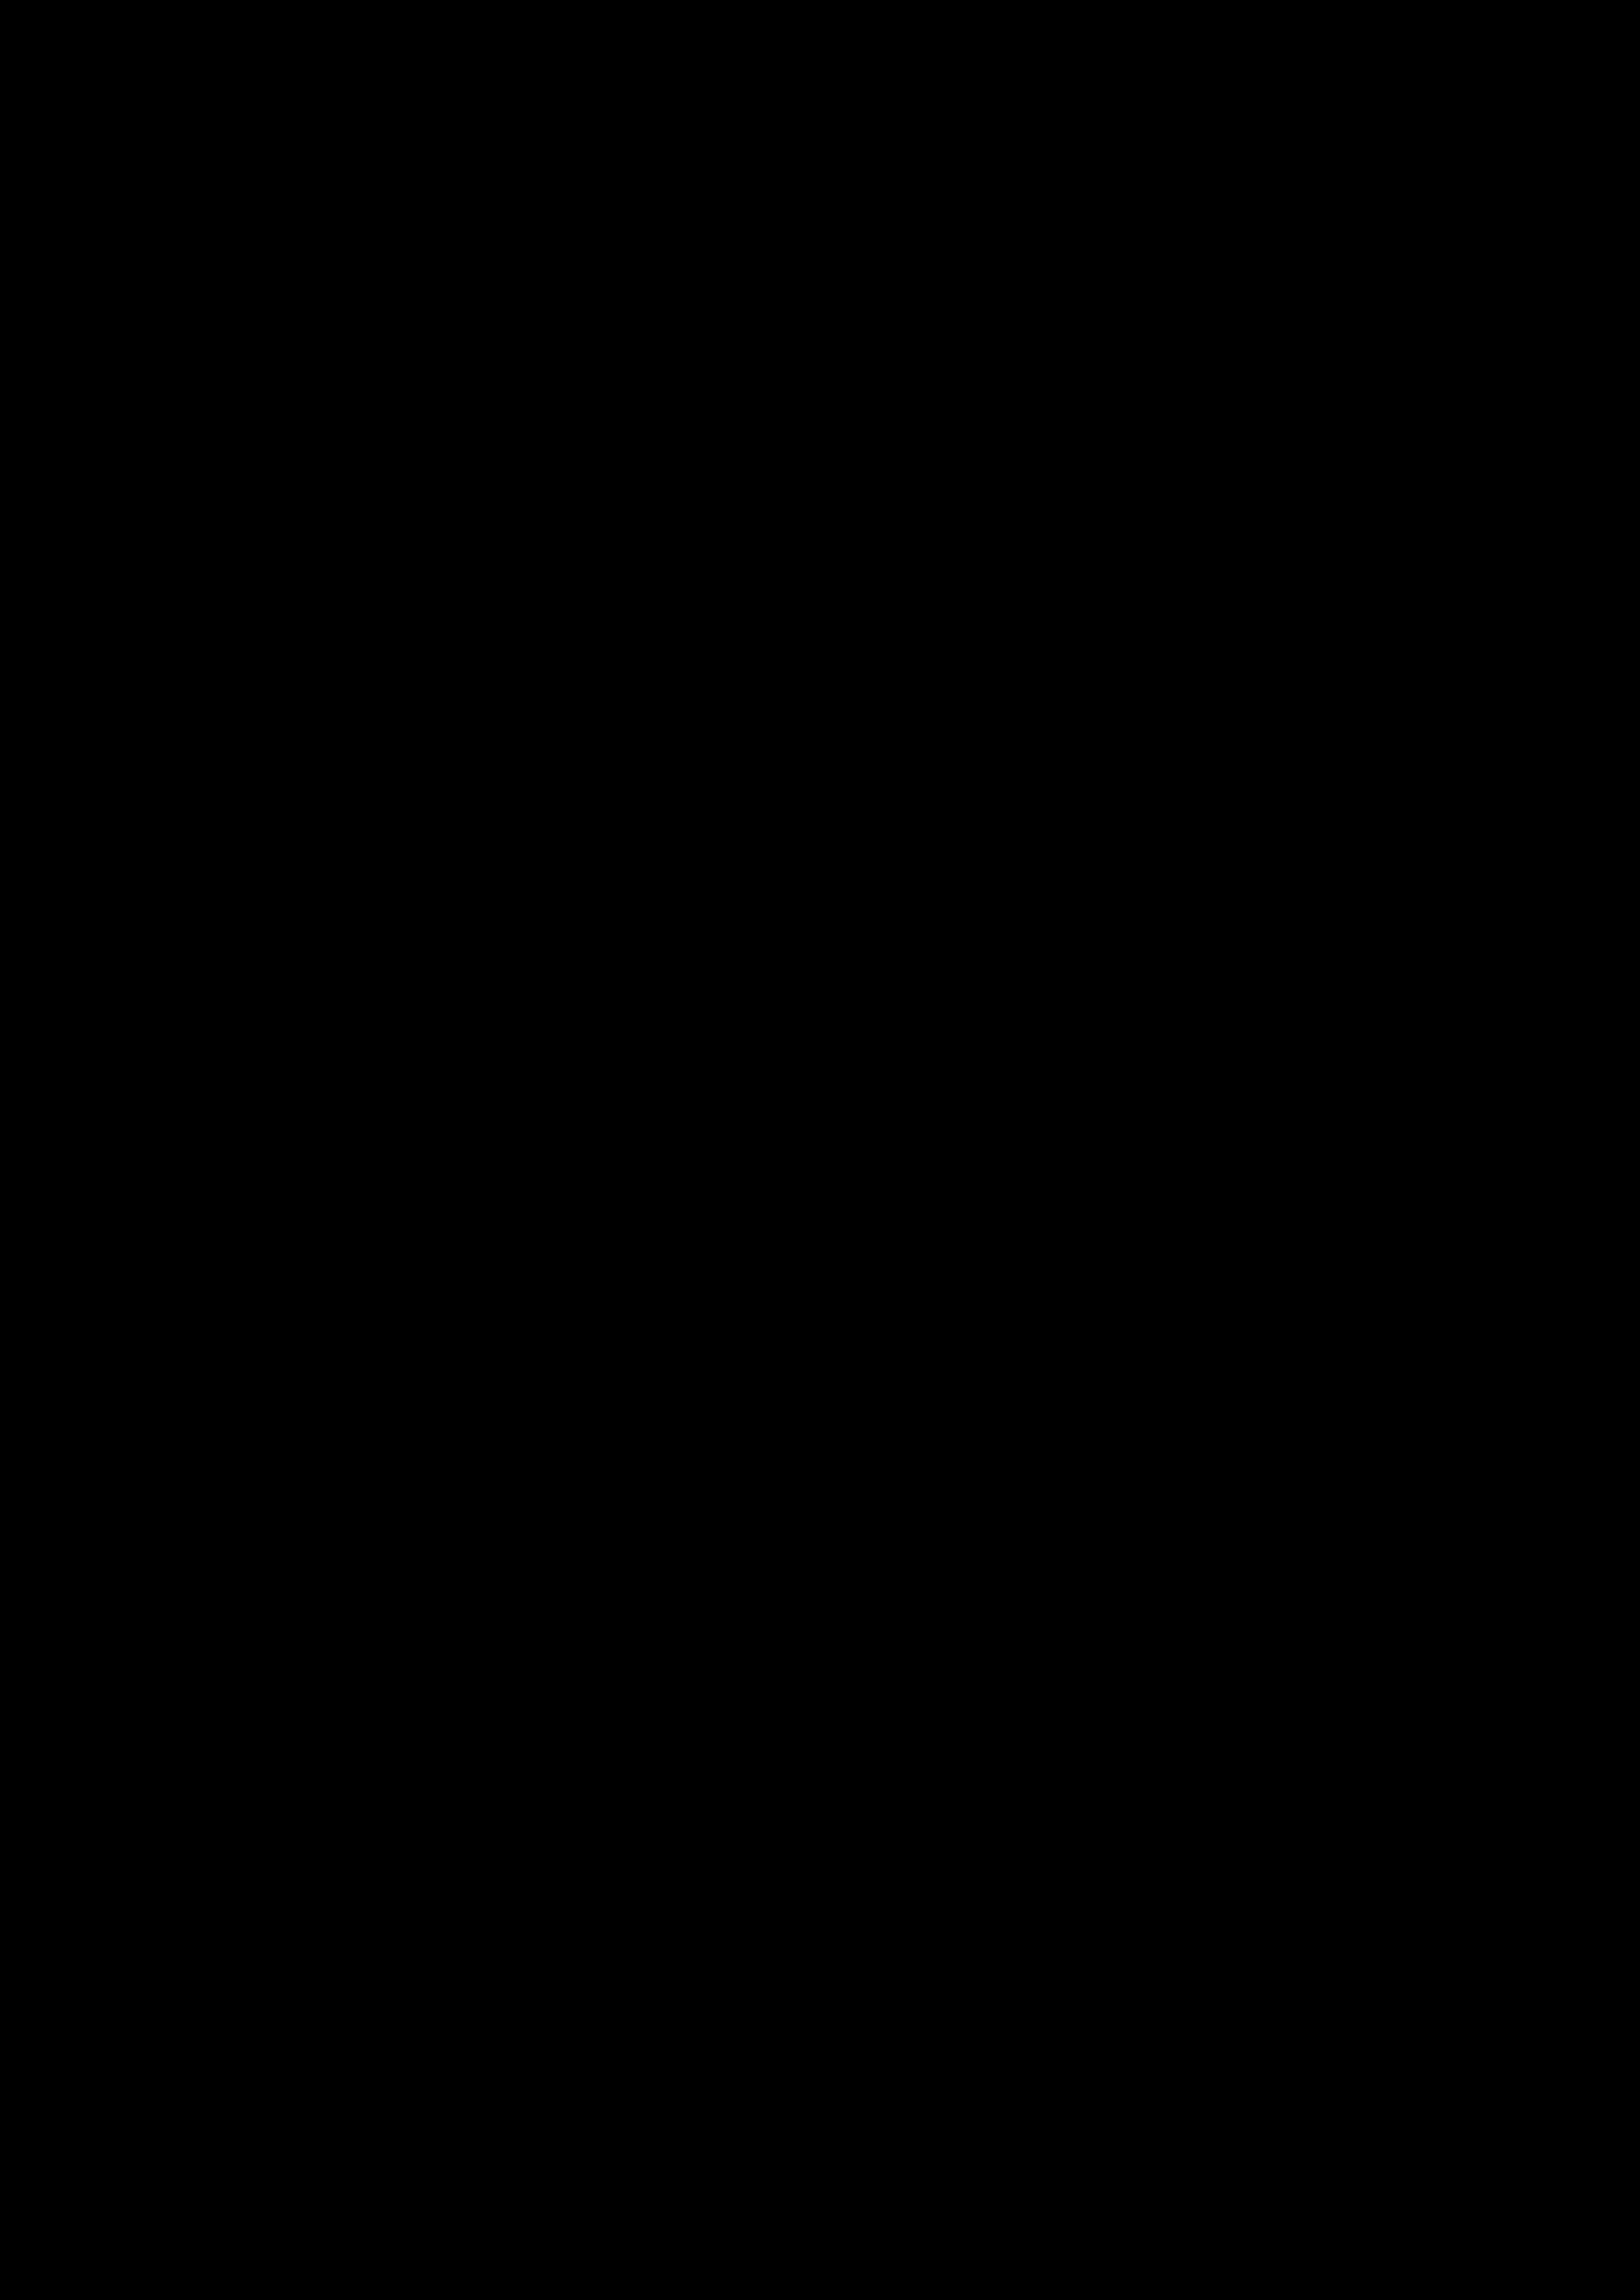 wastecooking.jpeg